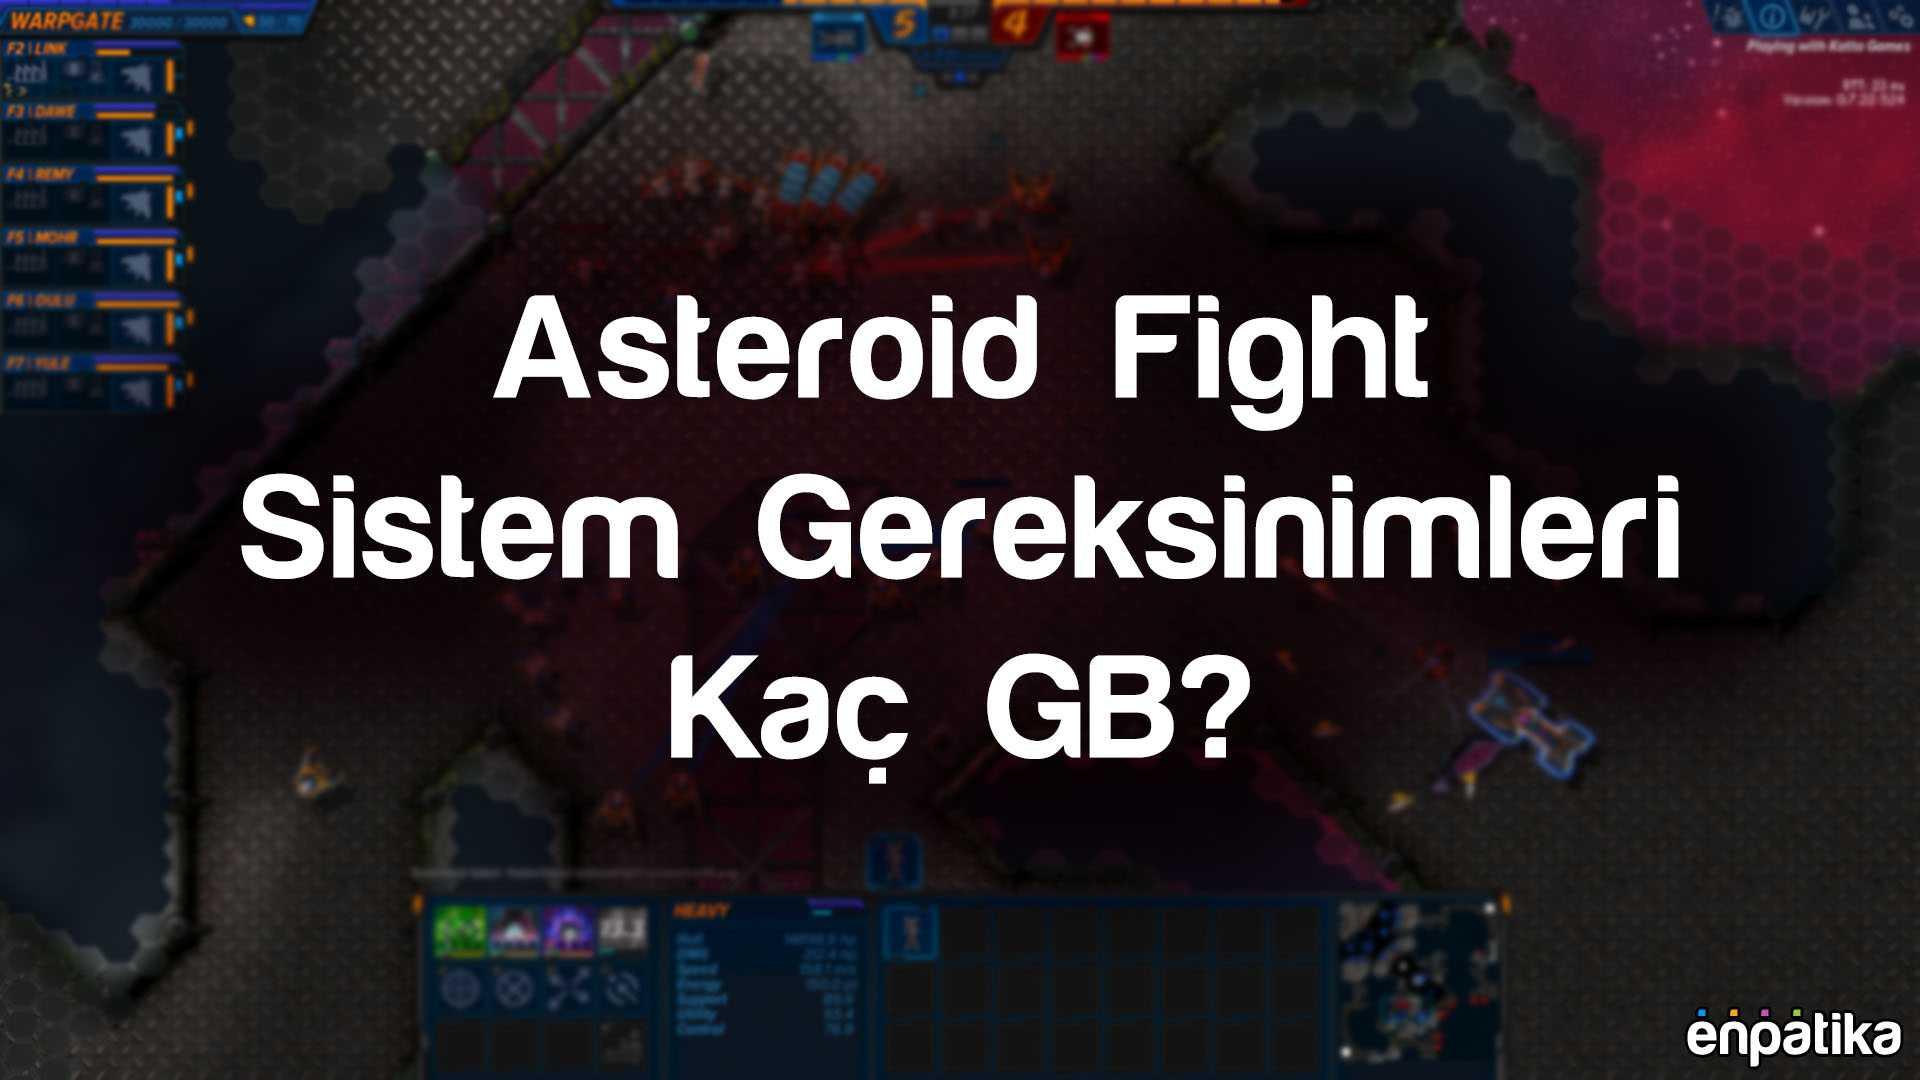 Asteroid Fight Kaç GB Boyutu Var?